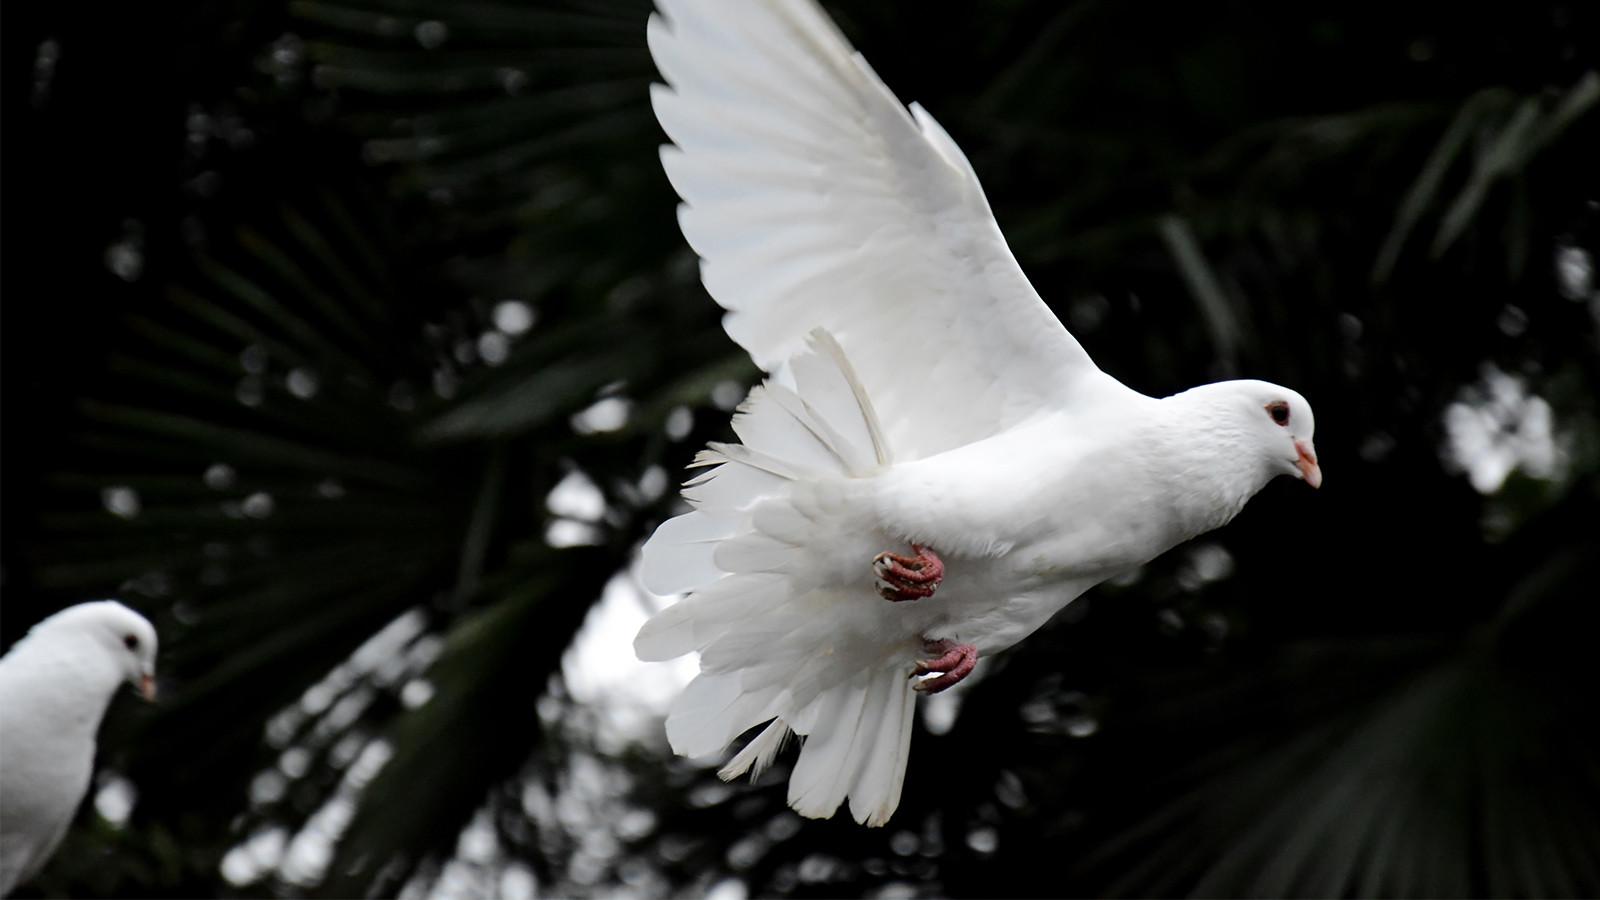 Weiße Tauben Hochzeit  Warum weiße Tauben bei einer Hochzeit für schlechtes Karma